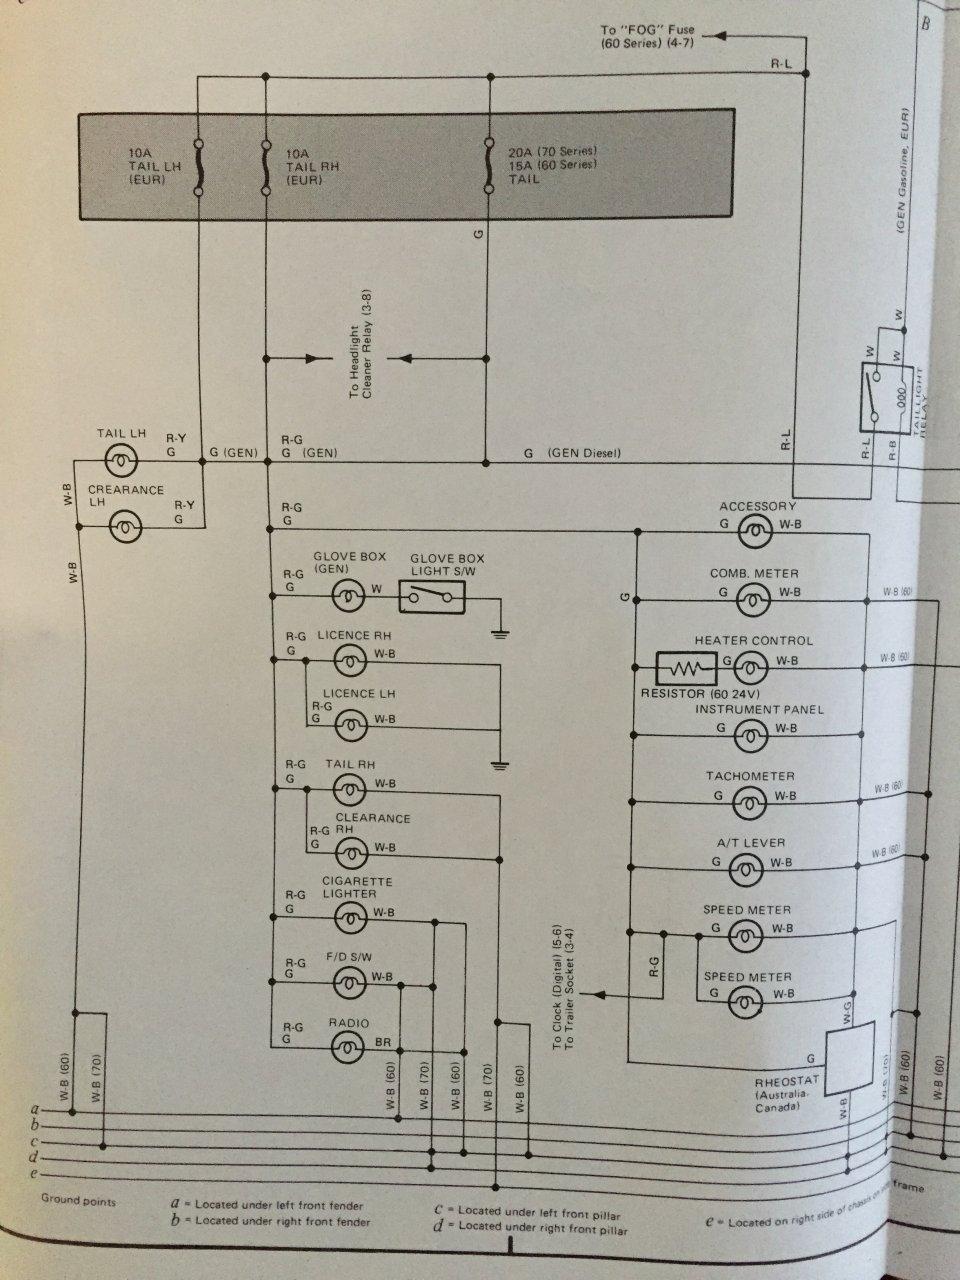 bj70 wiring diagram | ih8mud forum  ih8mud forum